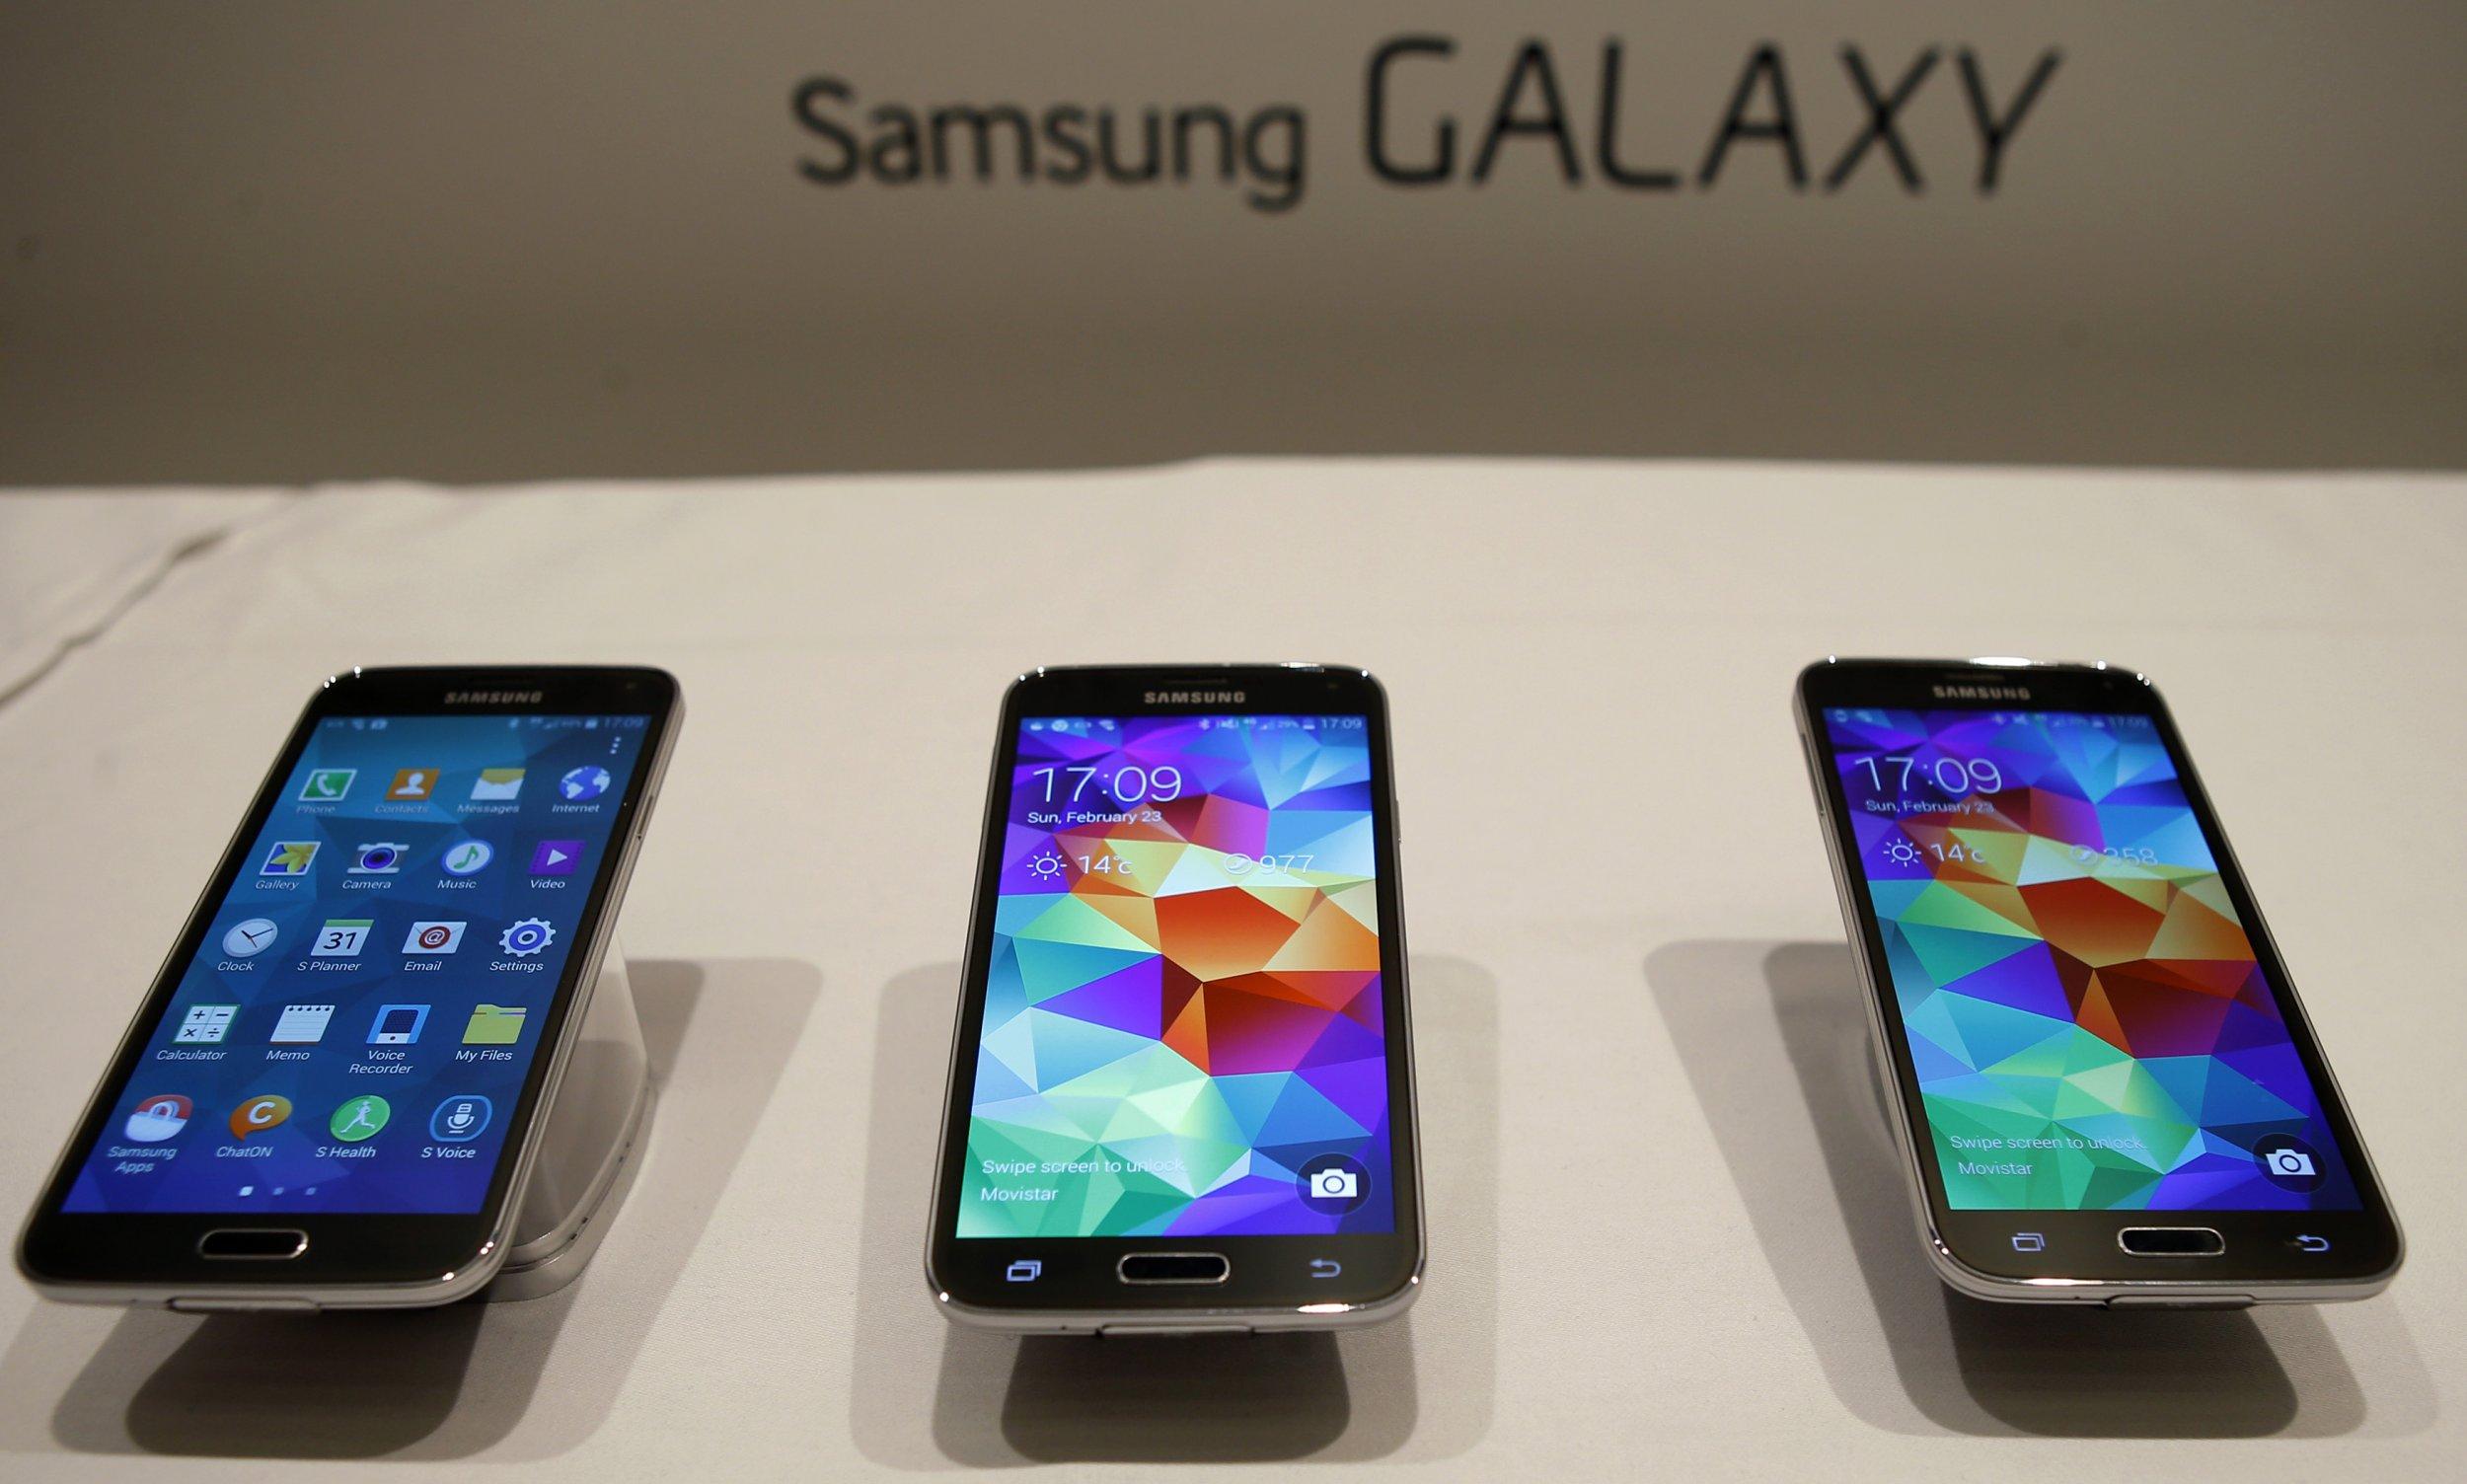 Samsung Galaxy S5 smartphones